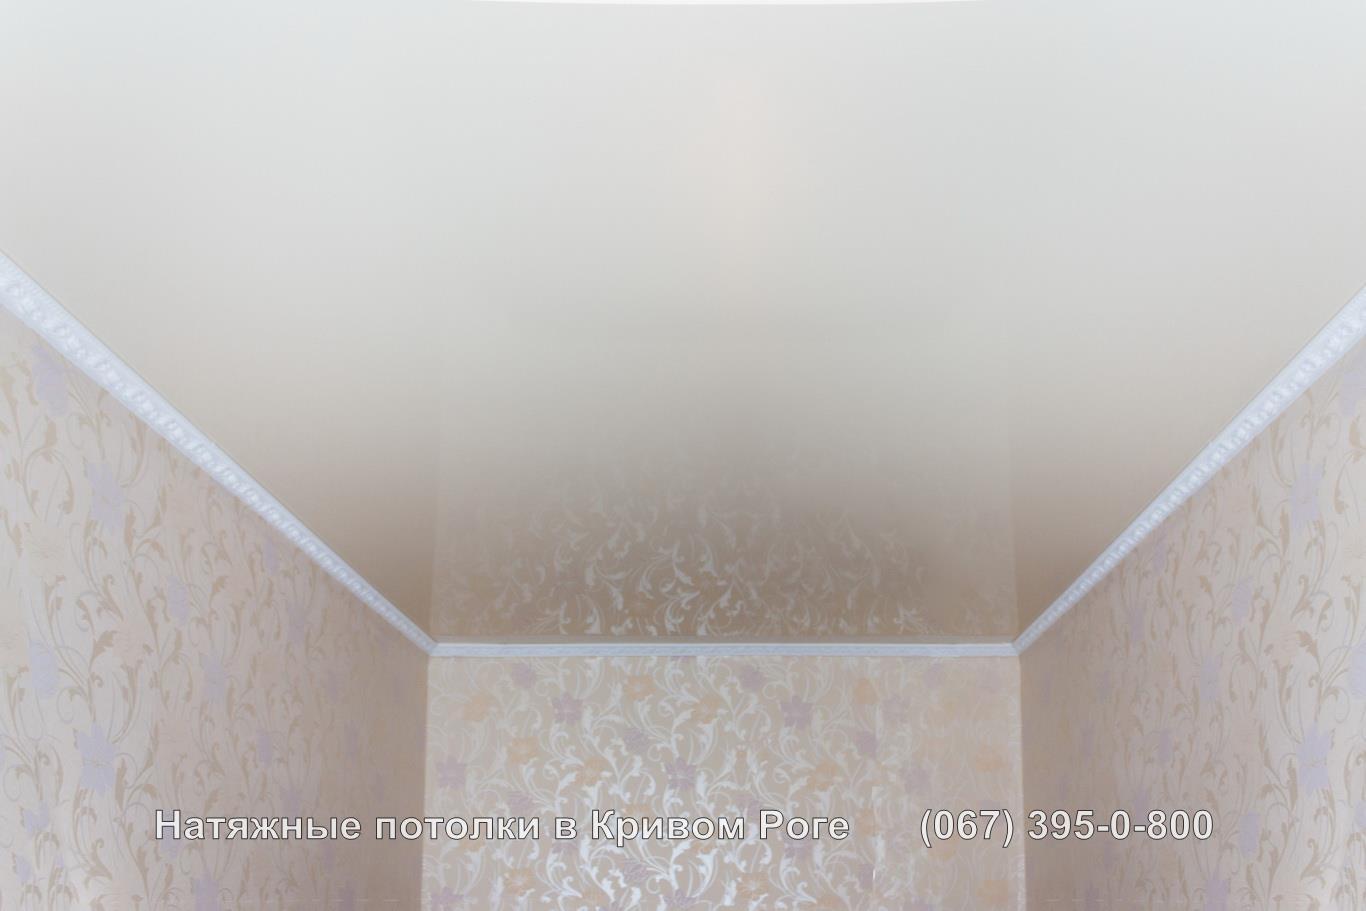 Натяжные потолки в Кривом Роге